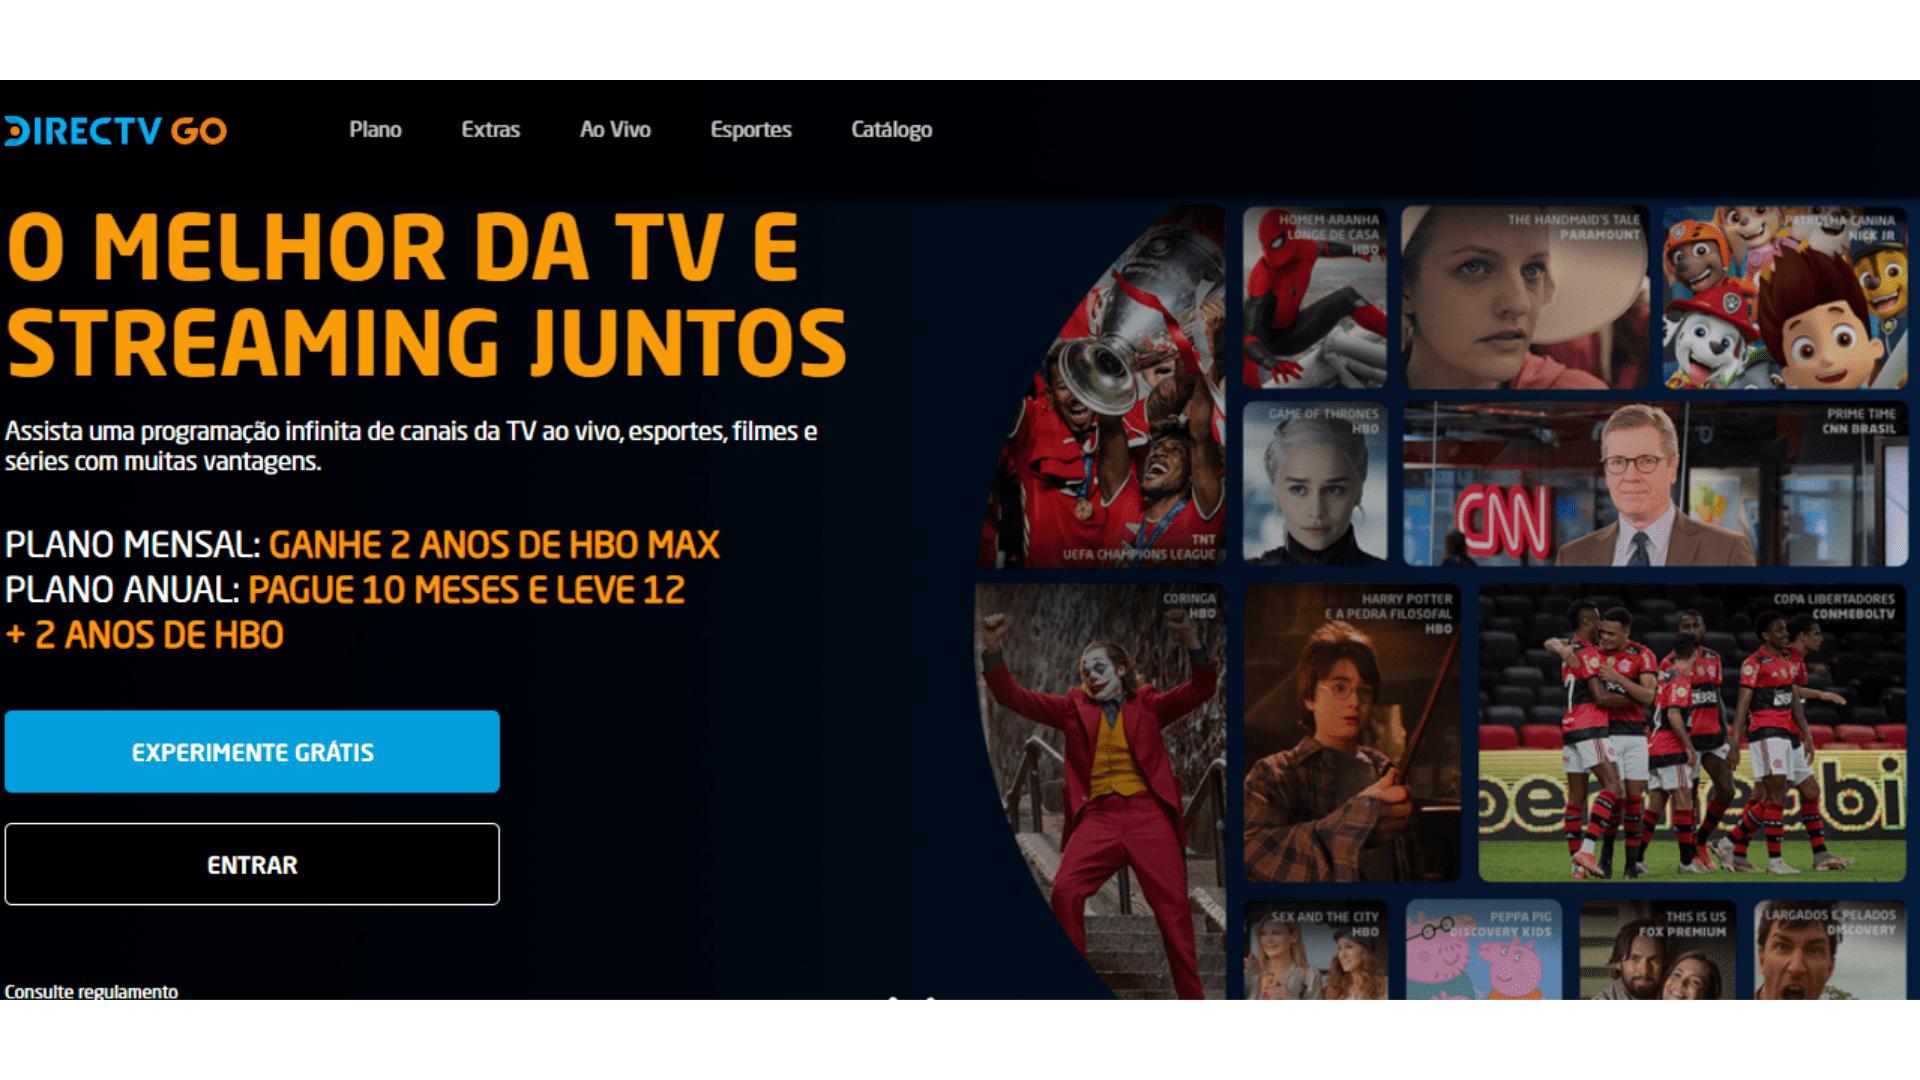 O DirecTV Go oferece transmissão ao vivo de canais populares. (Imagem: Captura de tela/DirecTV Go)